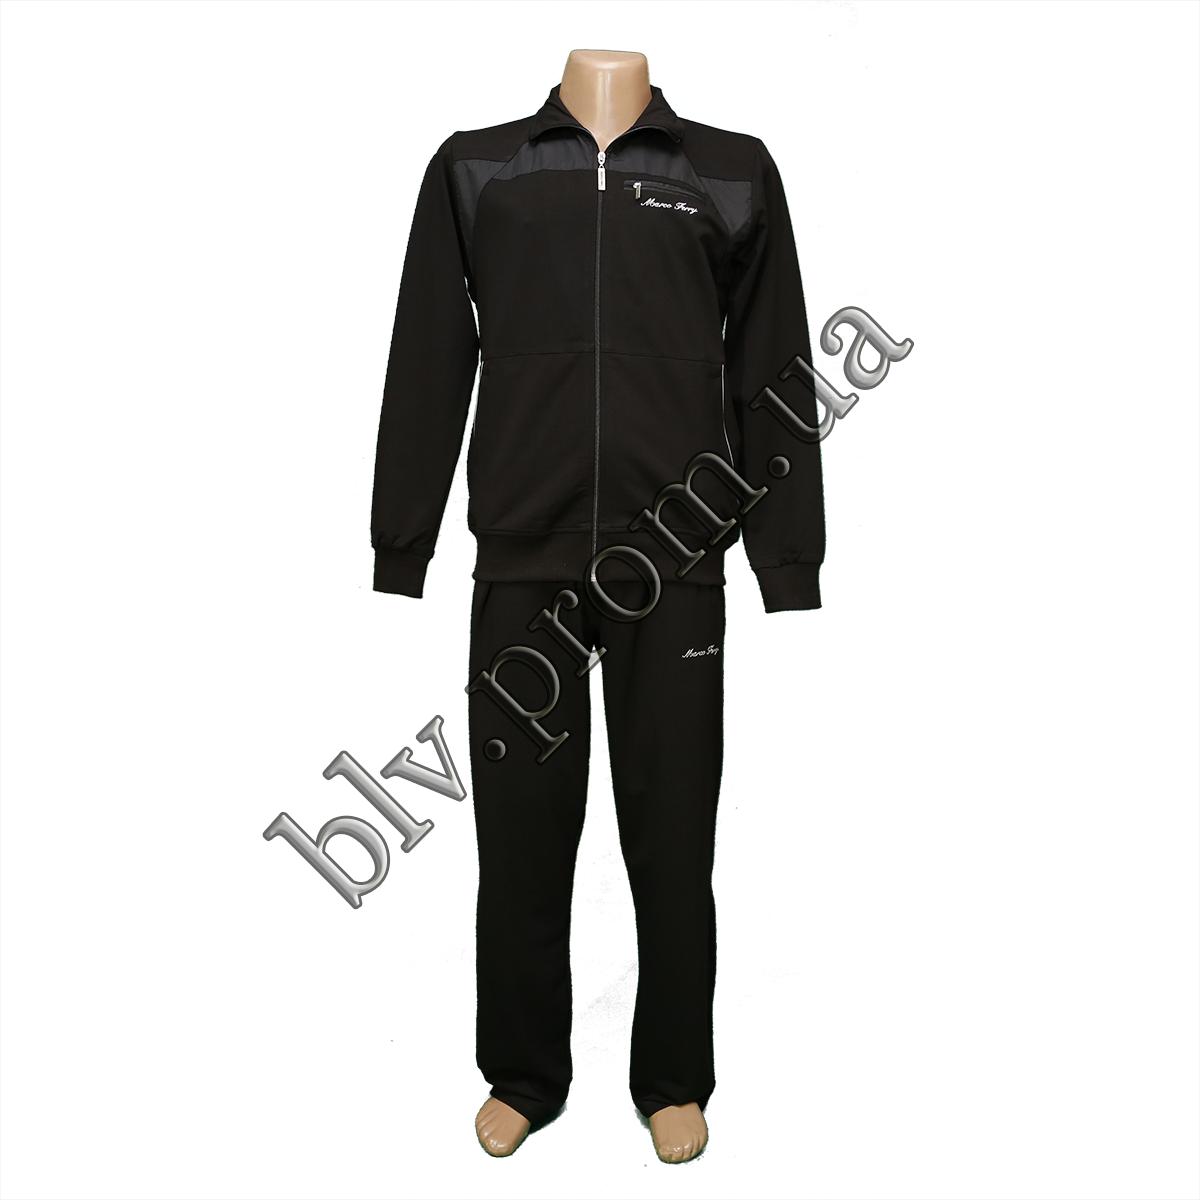 94dad6a0c2f2 Трикотажный мужской спортивный костюм пр-во Турция оптом и мелким оптом  FM14650 Black